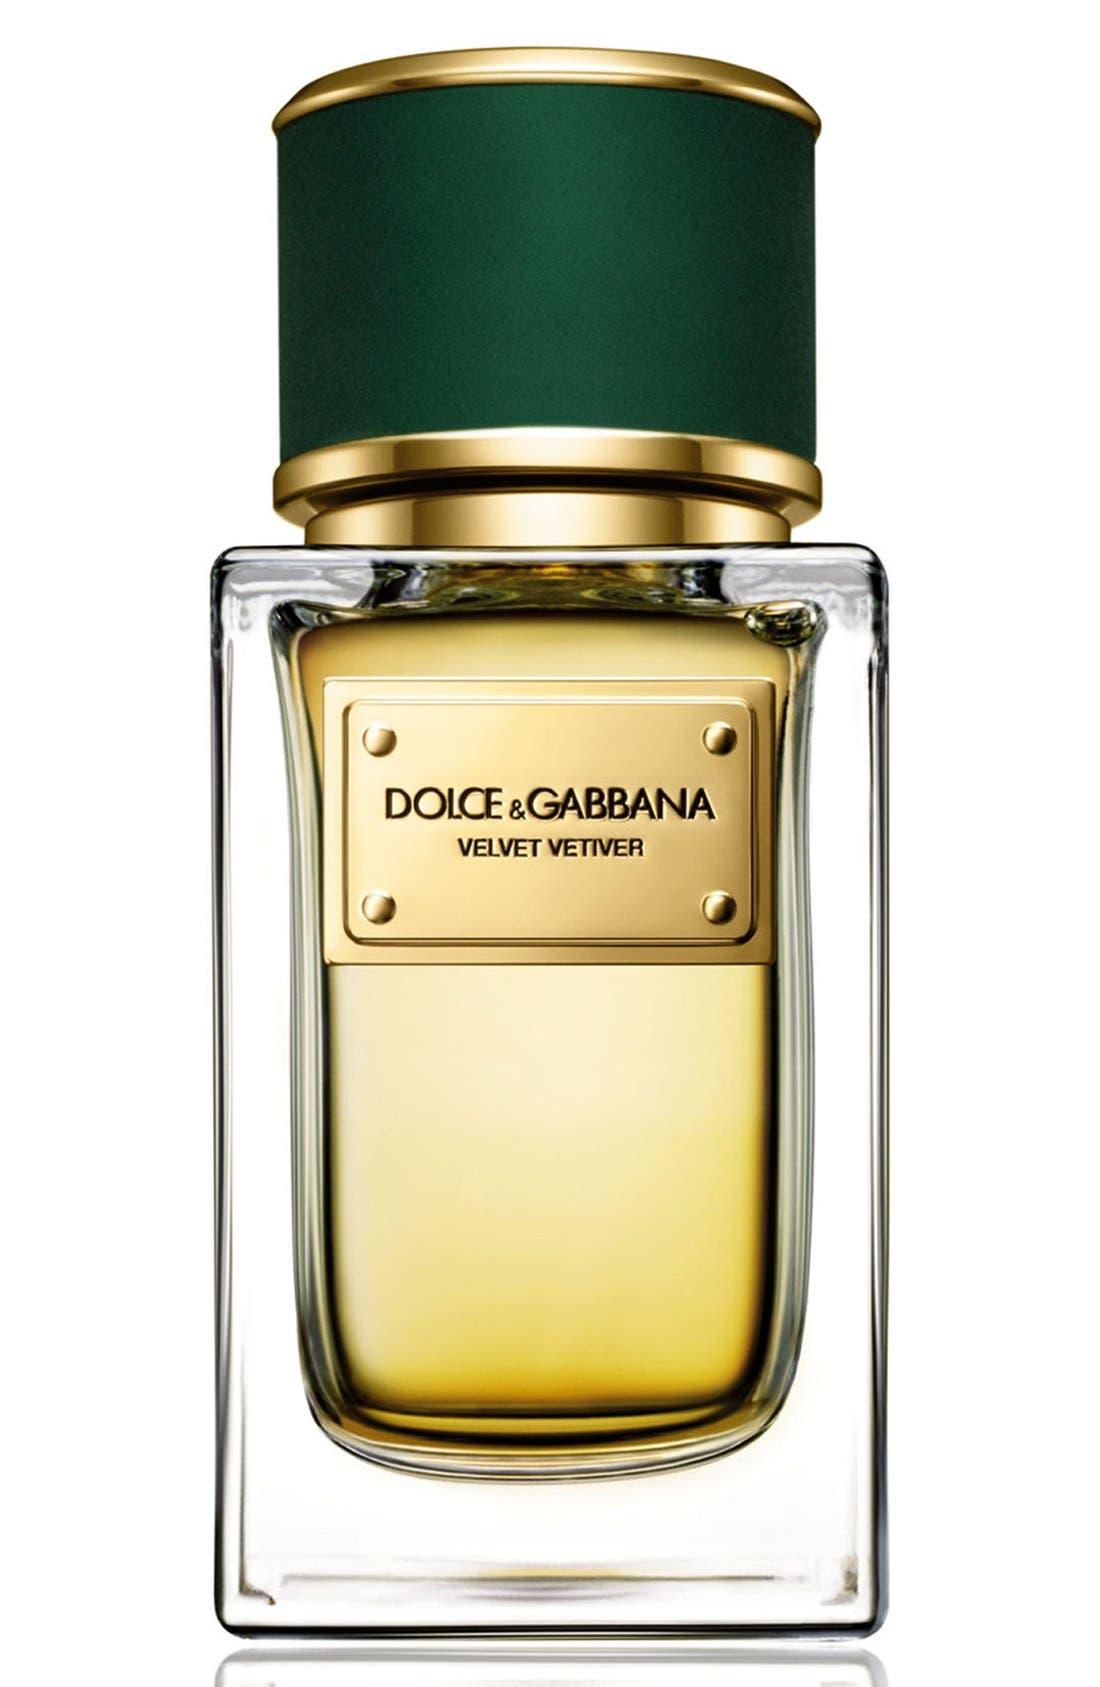 Dolce&GabbanaBeauty 'Velvet Vetiver' Eau de Parfum